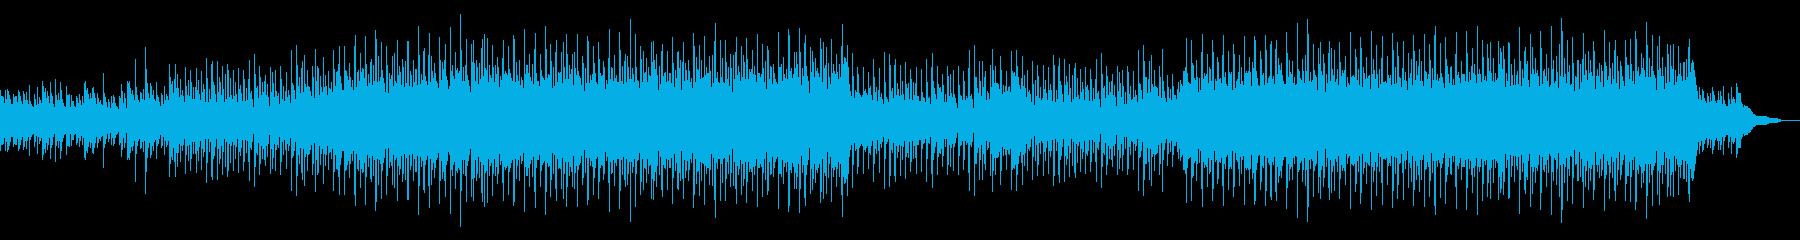 企業VP1-1/爽やか/ピアノ/結婚式の再生済みの波形